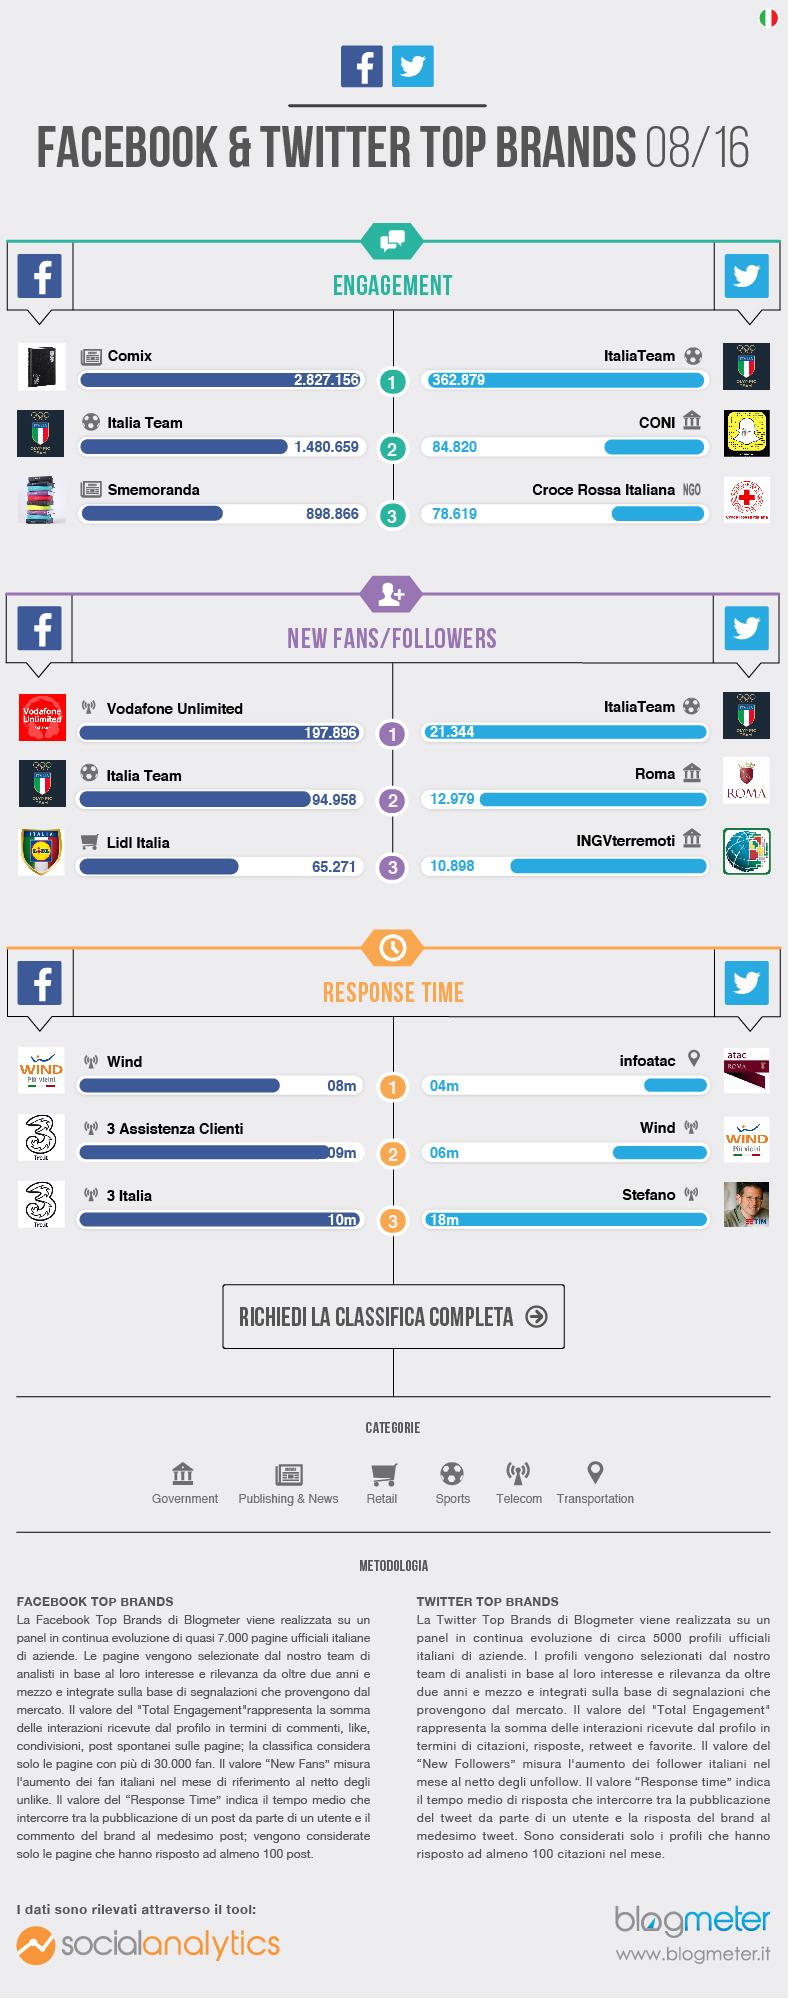 Facebook e Twitter Top Brands Agosto 2016